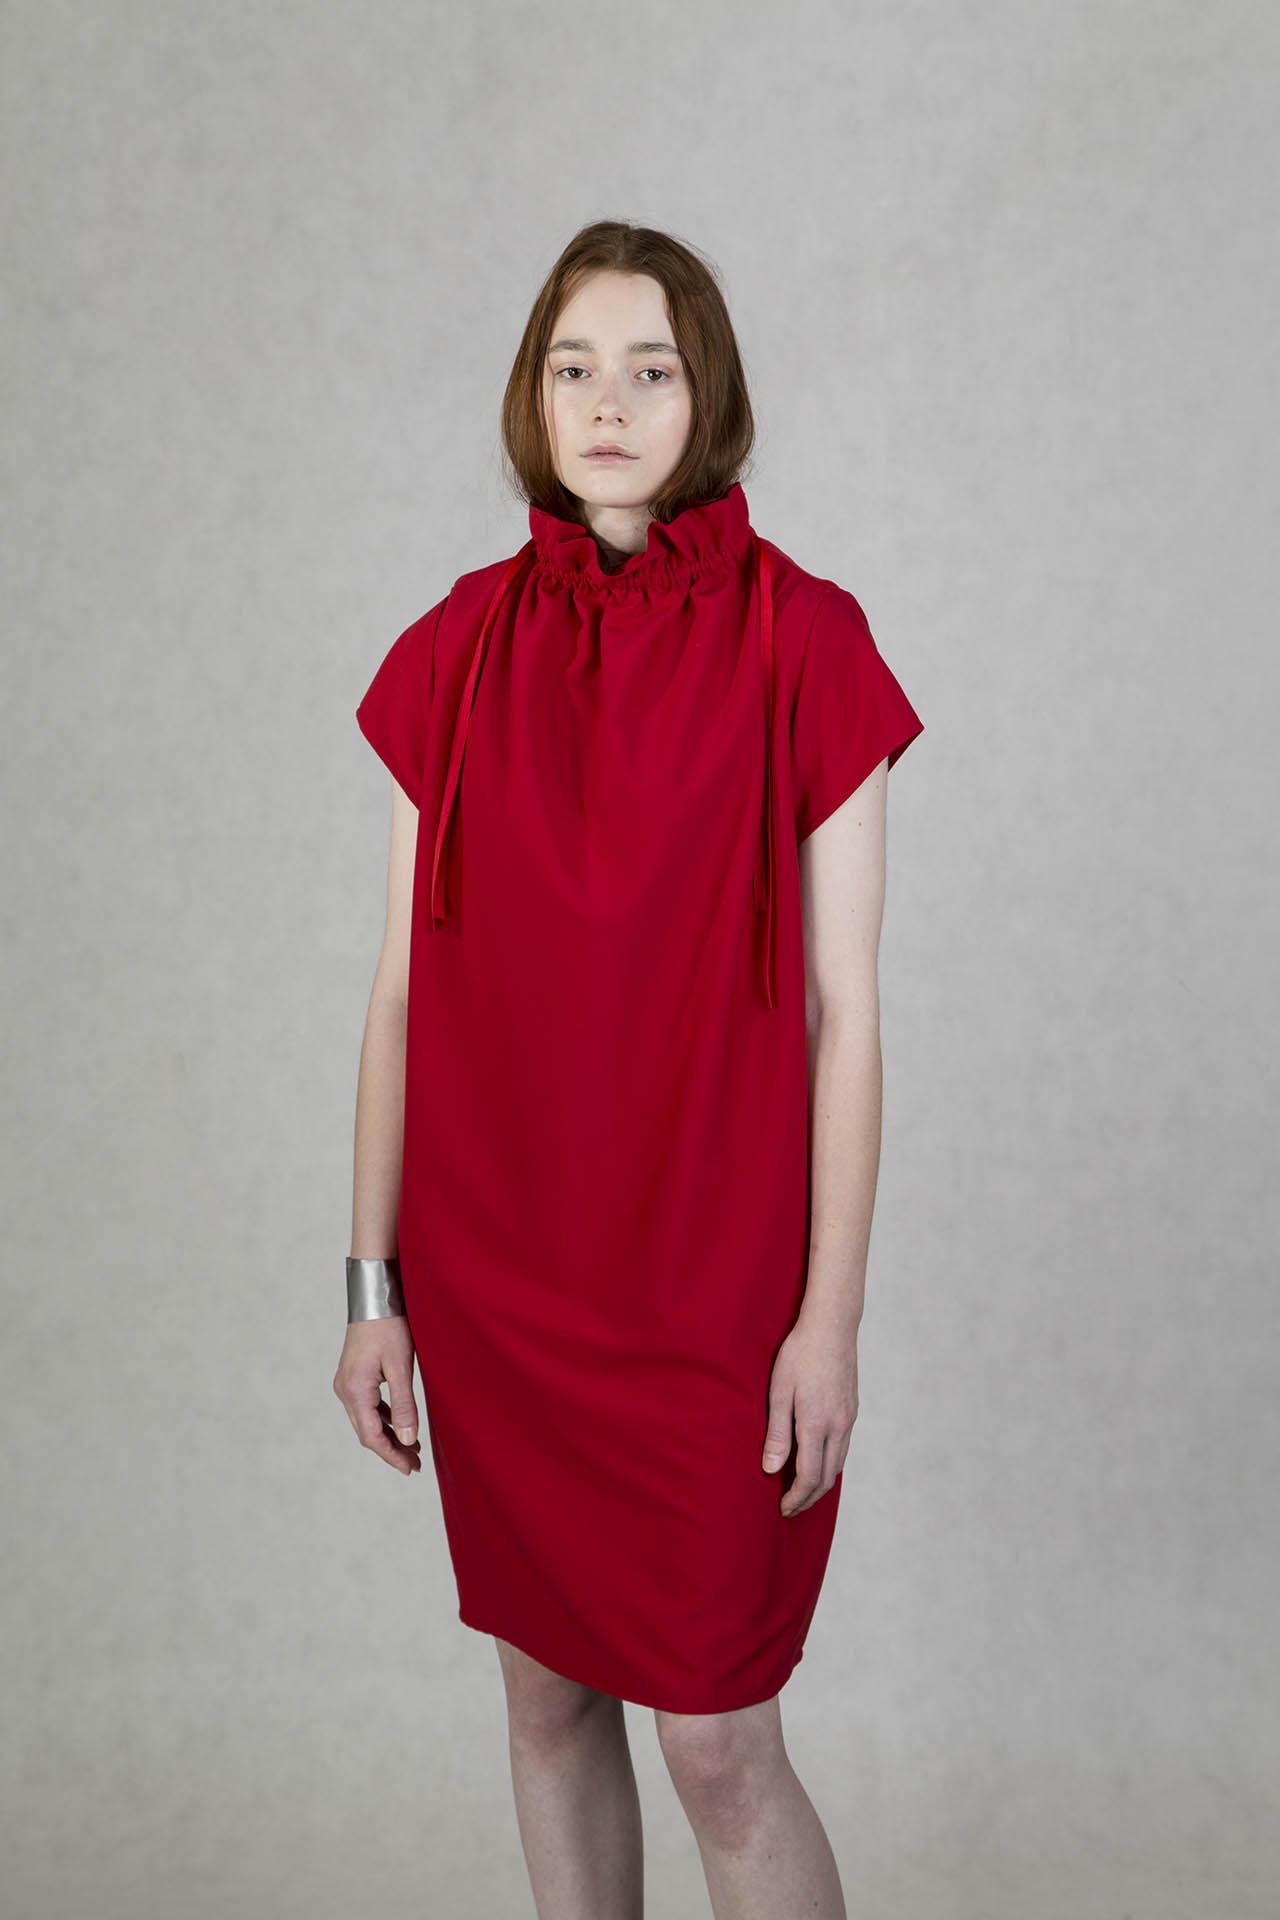 Sleva. Oneday společenské šaty krátké s řaseným límečkem v krásně červené  barvě 9ac6883889d